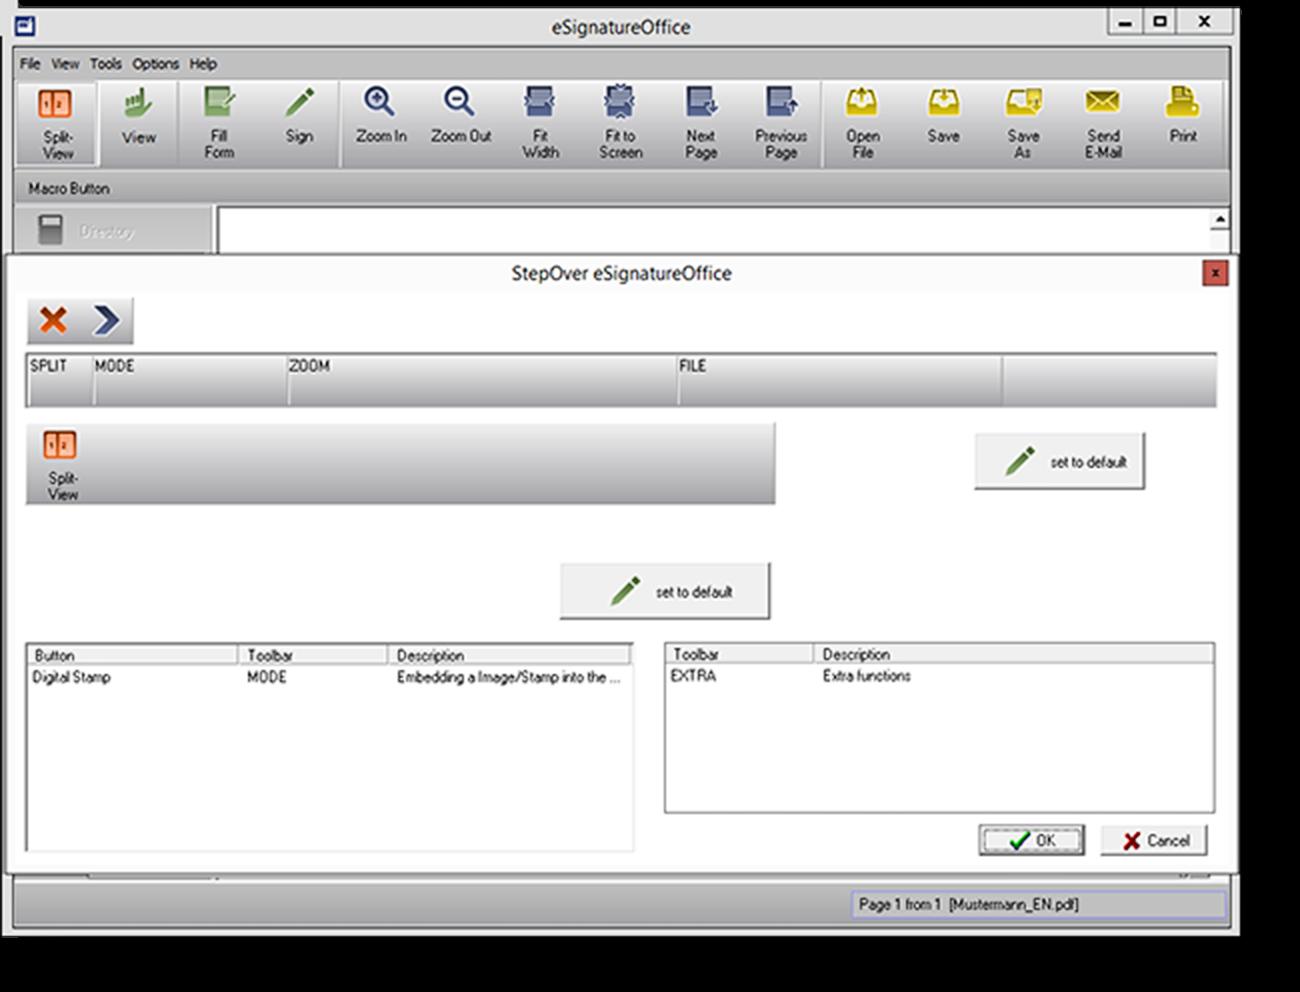 eSignatureOffice-Signature-solution-Signature-software-eSignatureOffice-4